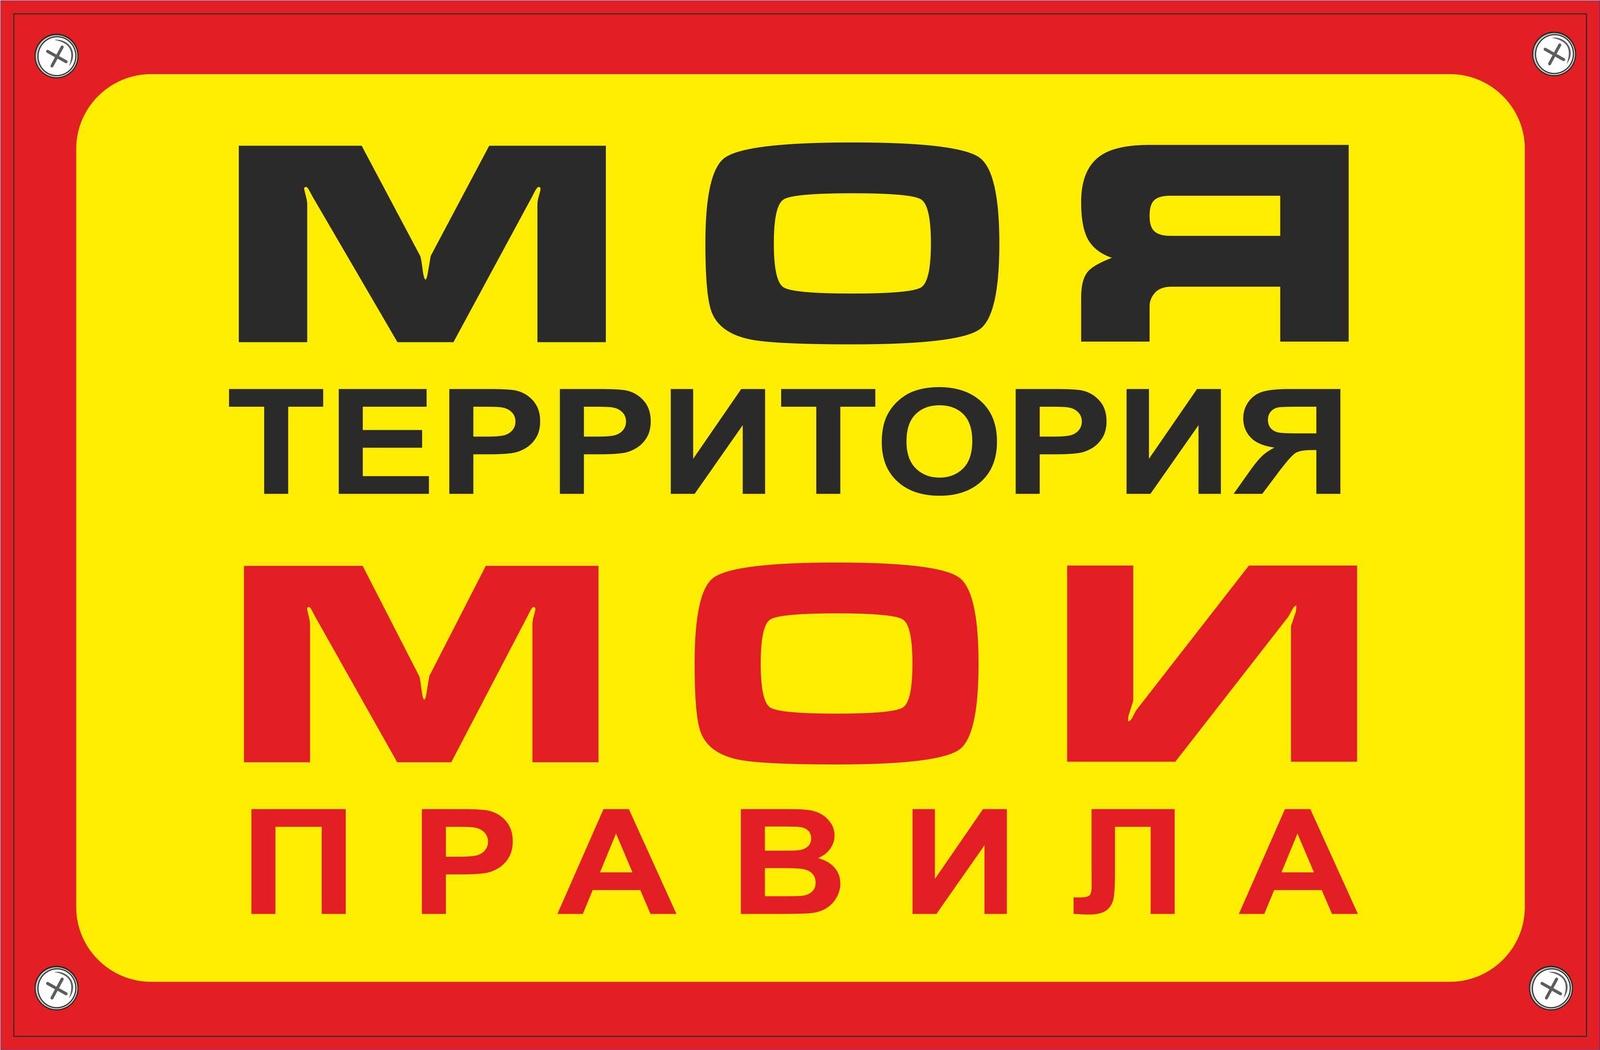 Табличка Mashinokom Моя территория TPO 006, желтый, красный, 30*19,5 см табличка mashinokom моя территория tpo 006